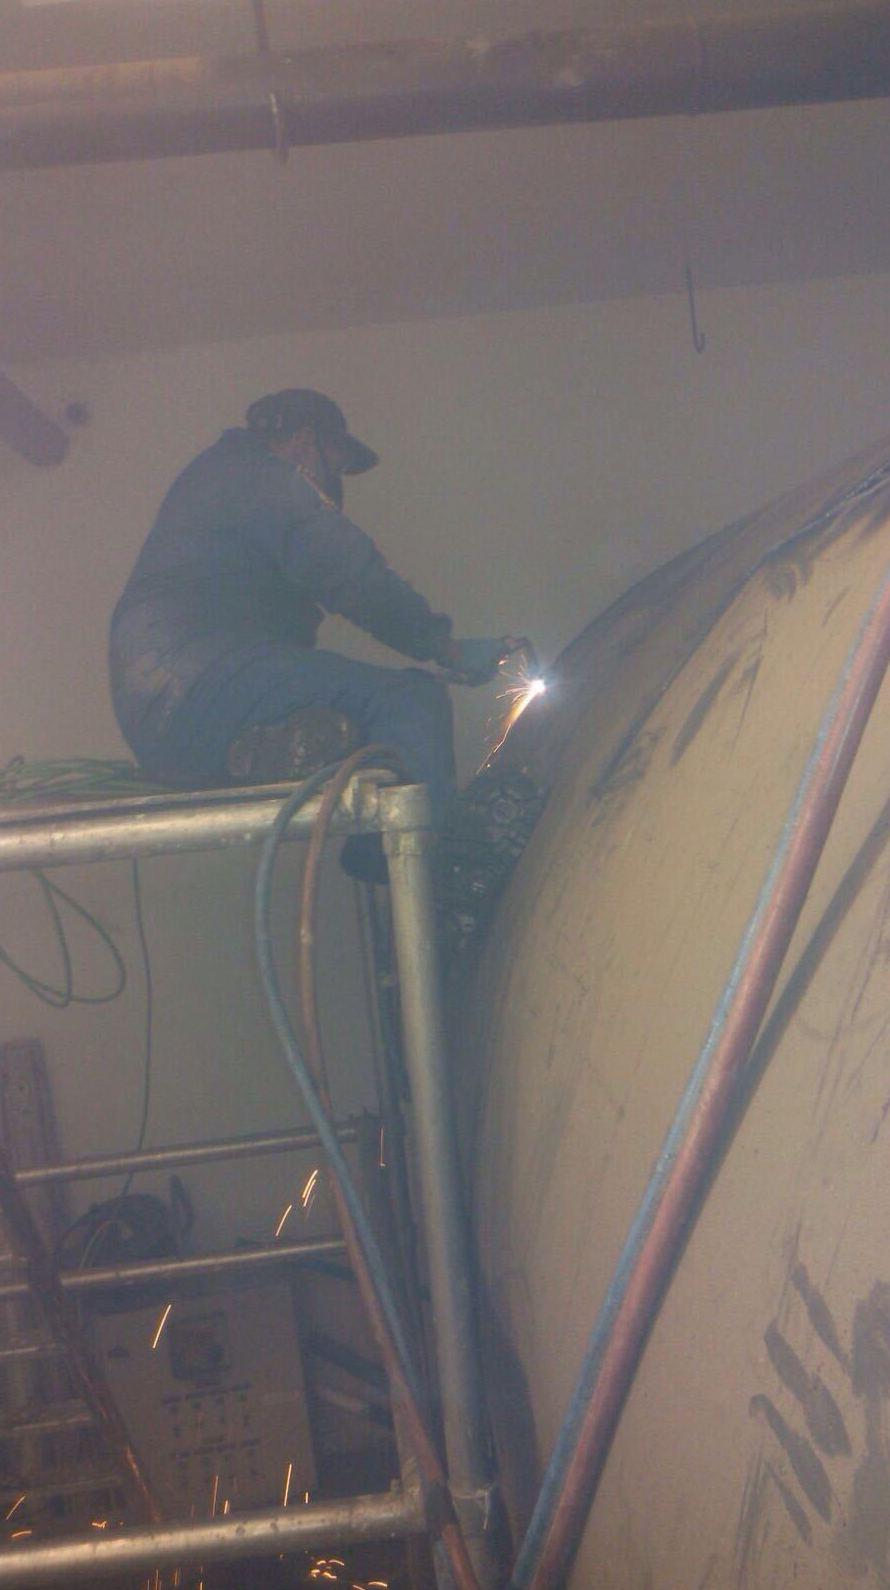 Foto 1 de Mantenimiento de salas de calderas en Fuenlabrada | Joman